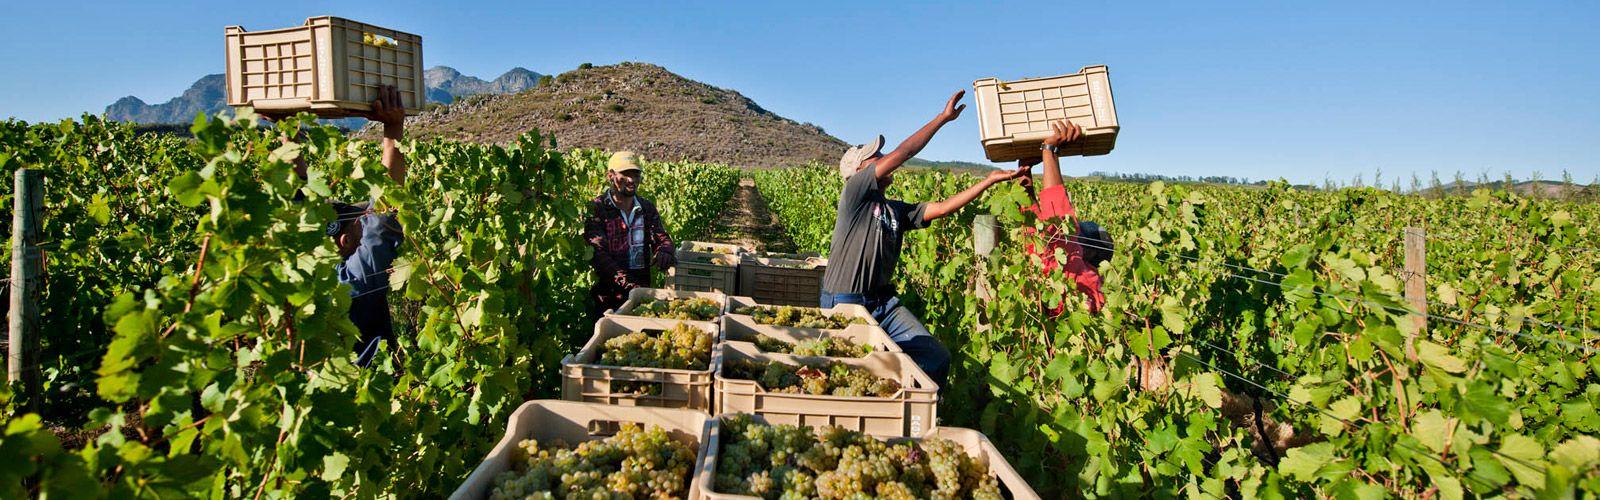 como plantar uva orgânica : plantação de uva